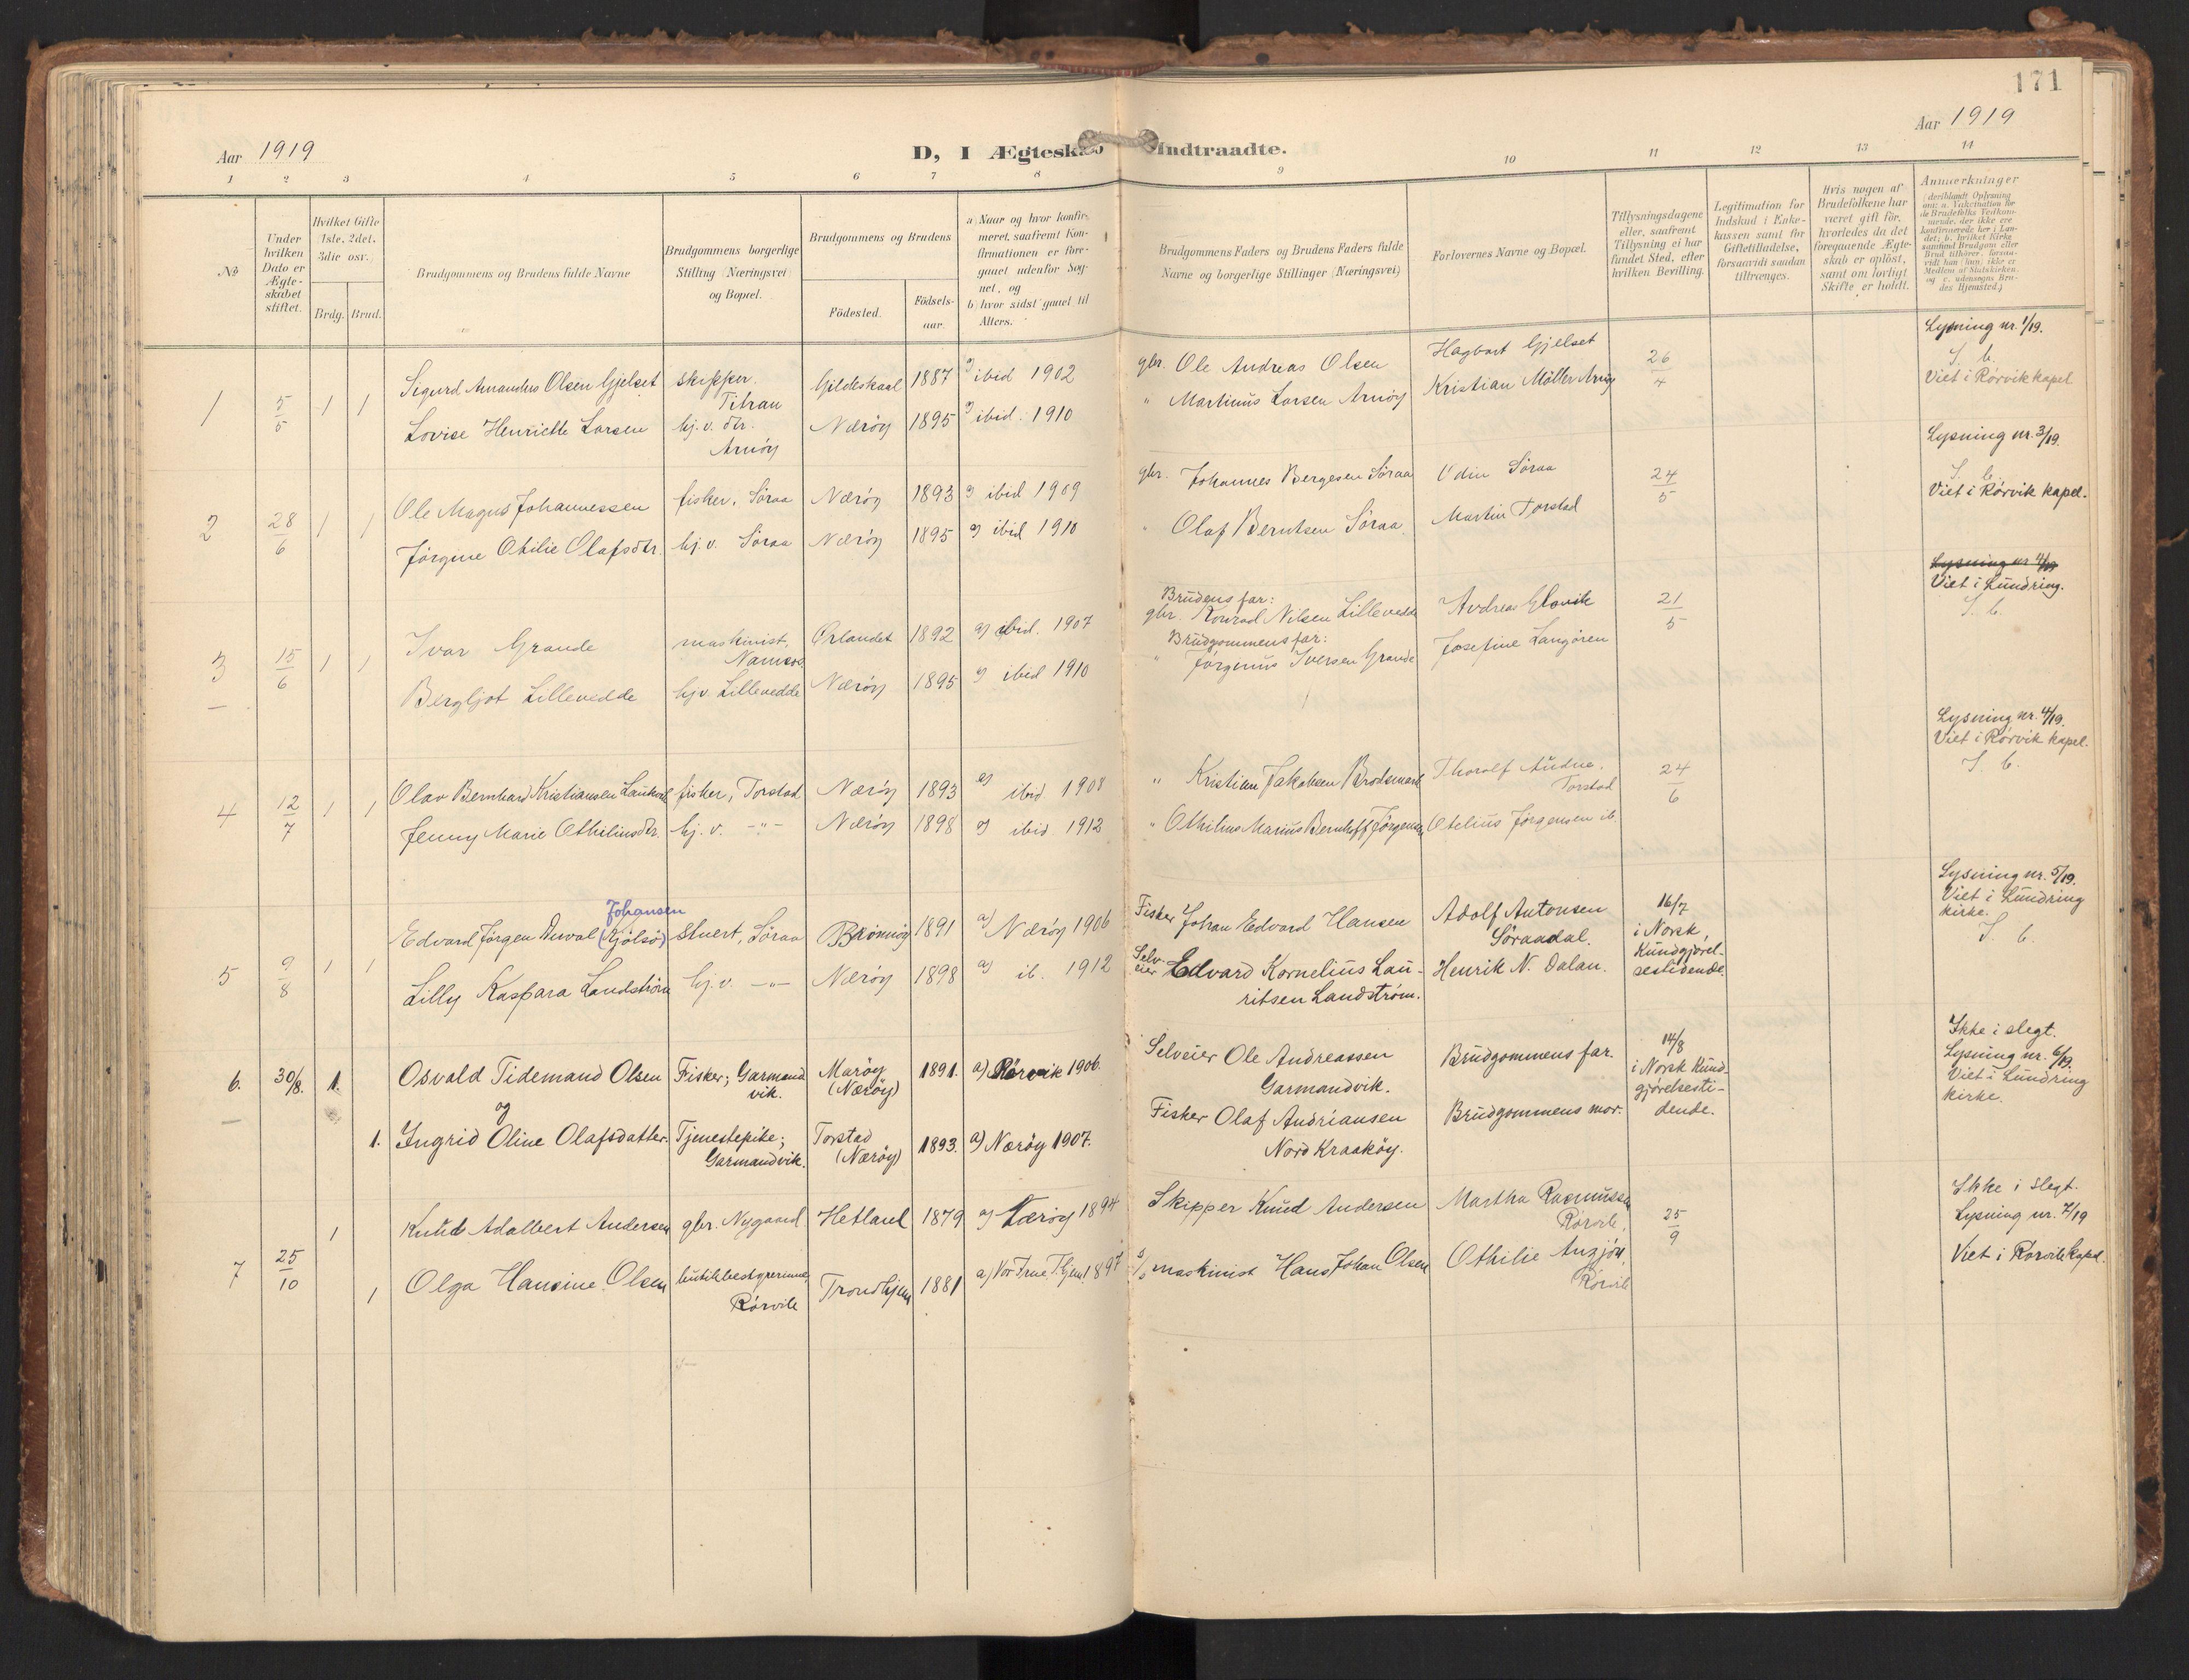 SAT, Ministerialprotokoller, klokkerbøker og fødselsregistre - Nord-Trøndelag, 784/L0677: Ministerialbok nr. 784A12, 1900-1920, s. 171